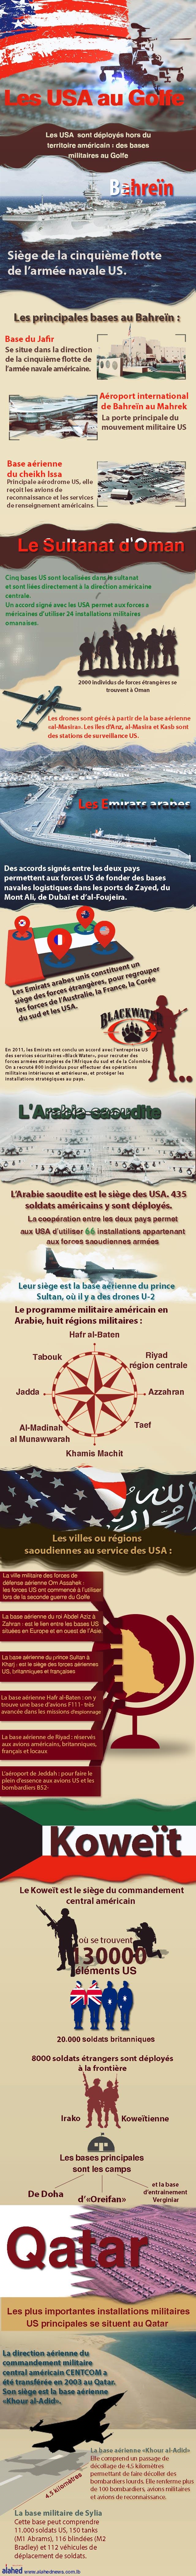 Les bases américaines au Golfe